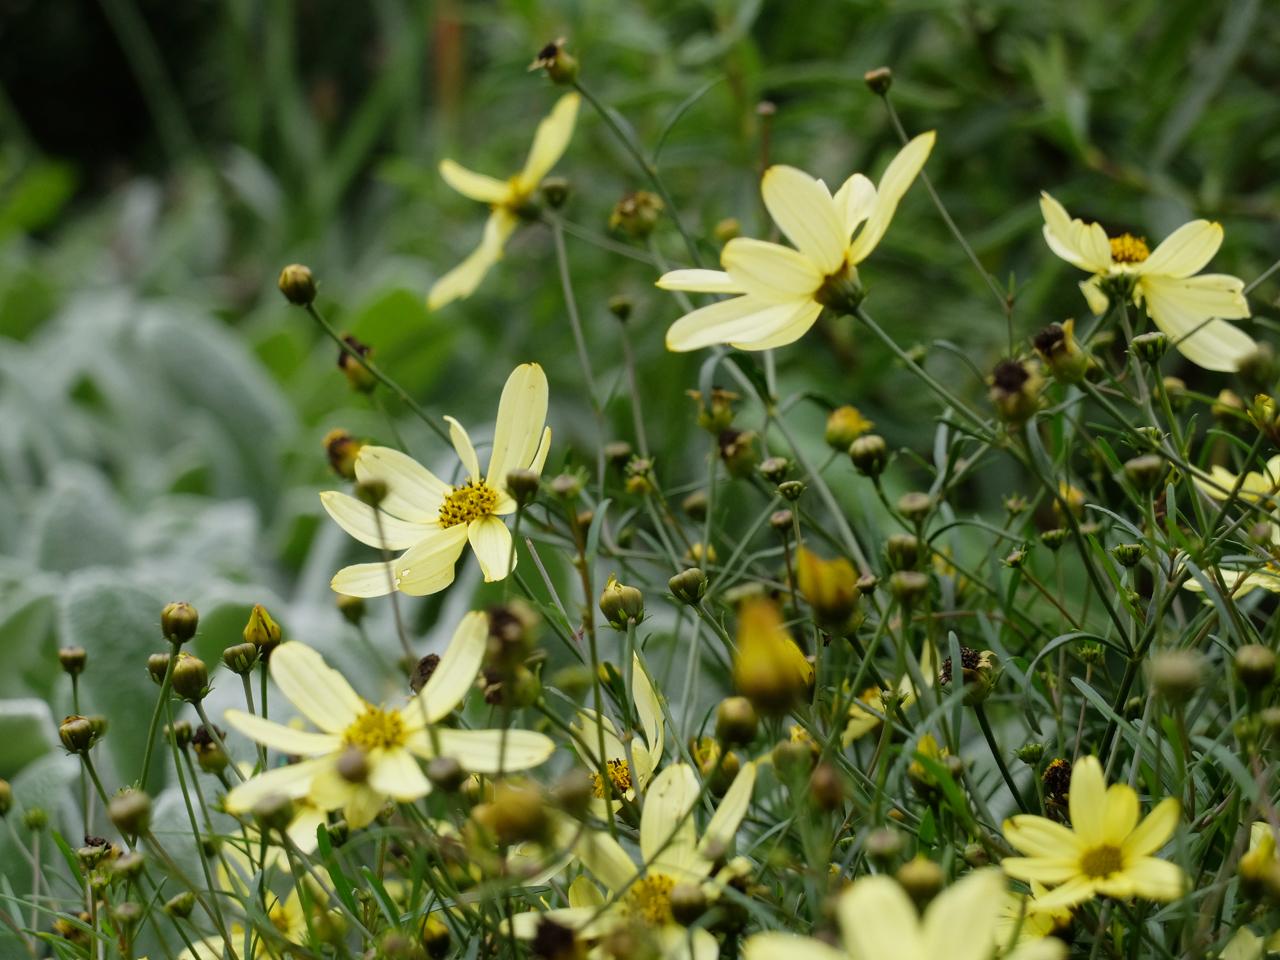 Yellow flowers in Weavers Fields